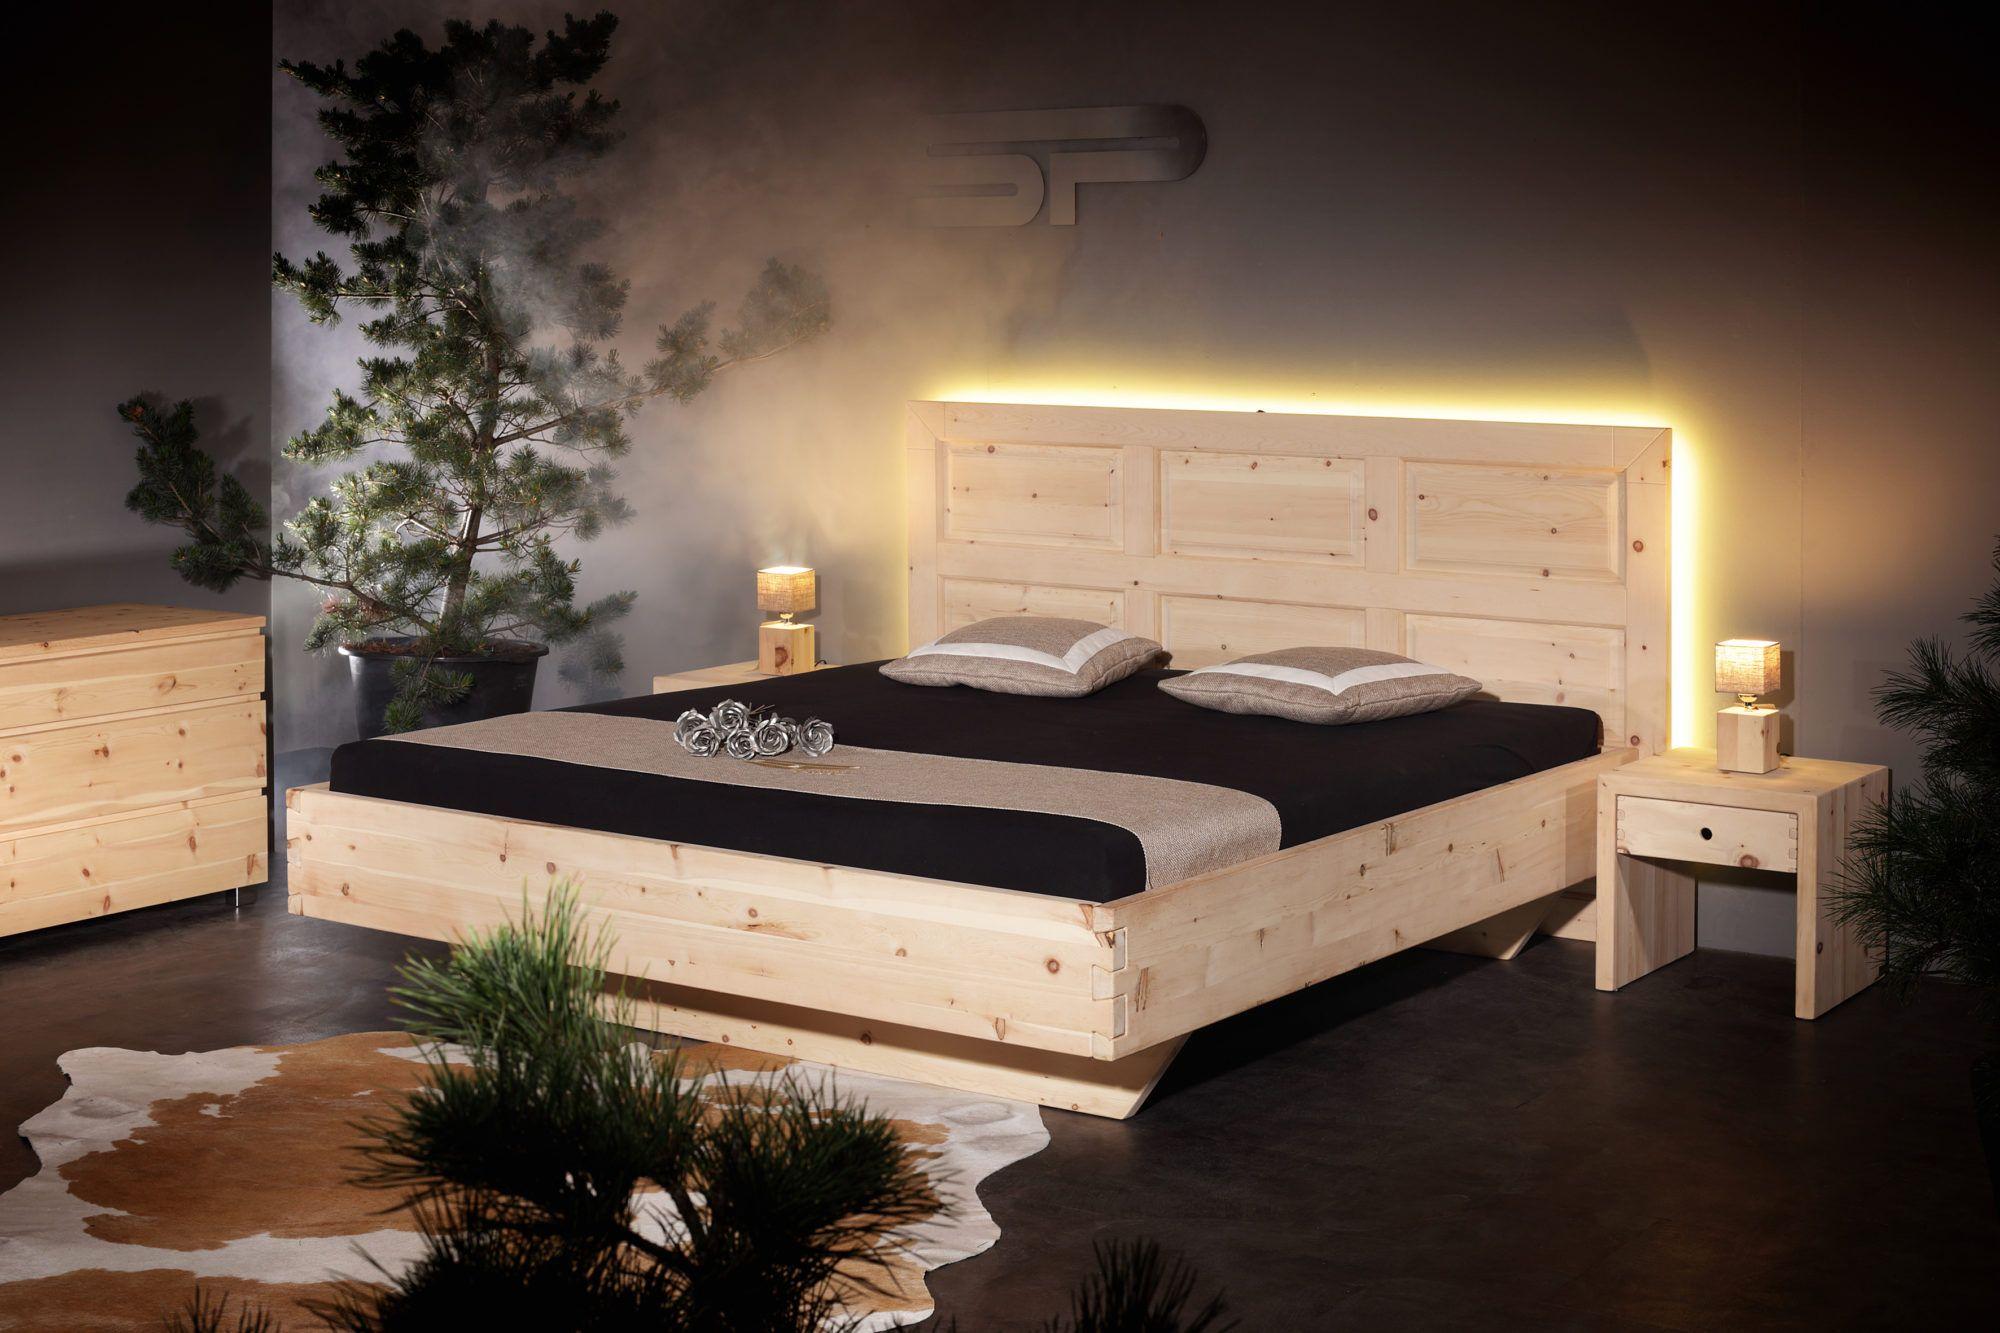 Arve Zirbe Alpine Arve Zirbe Mit Ihren Wissenschaftlich Belegten Positiven Eigenschaften Bessere Schlafqualitat Und Raumklima F Bett Haus Rustikales Bett